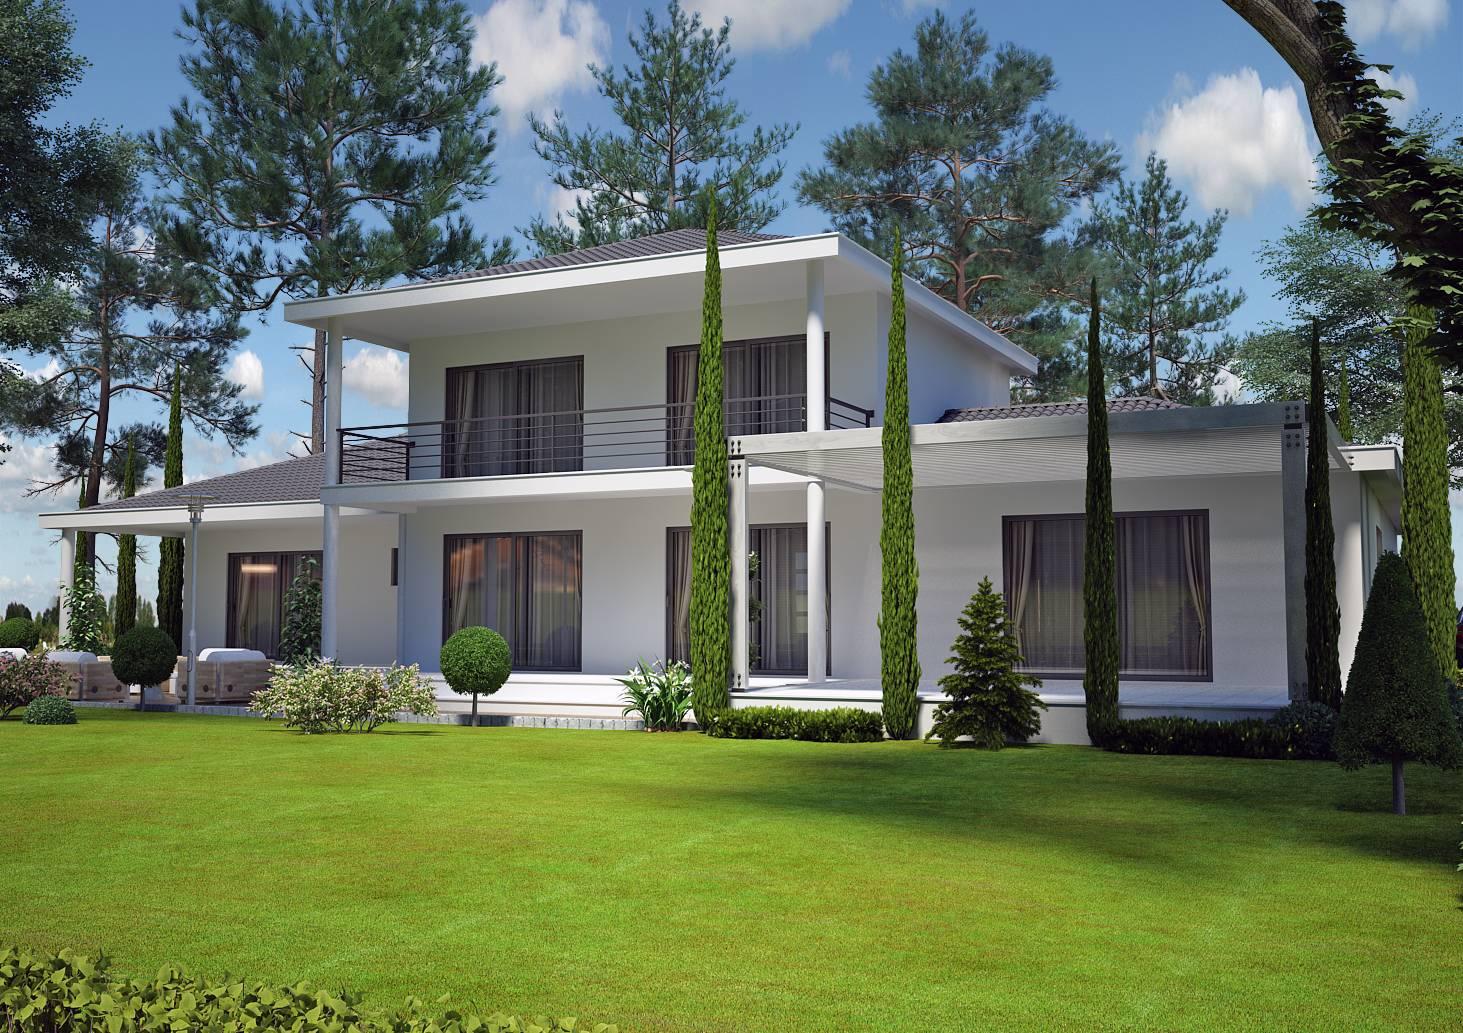 Idee maison a construire construire sa maison pour mes for Idee maison a construire